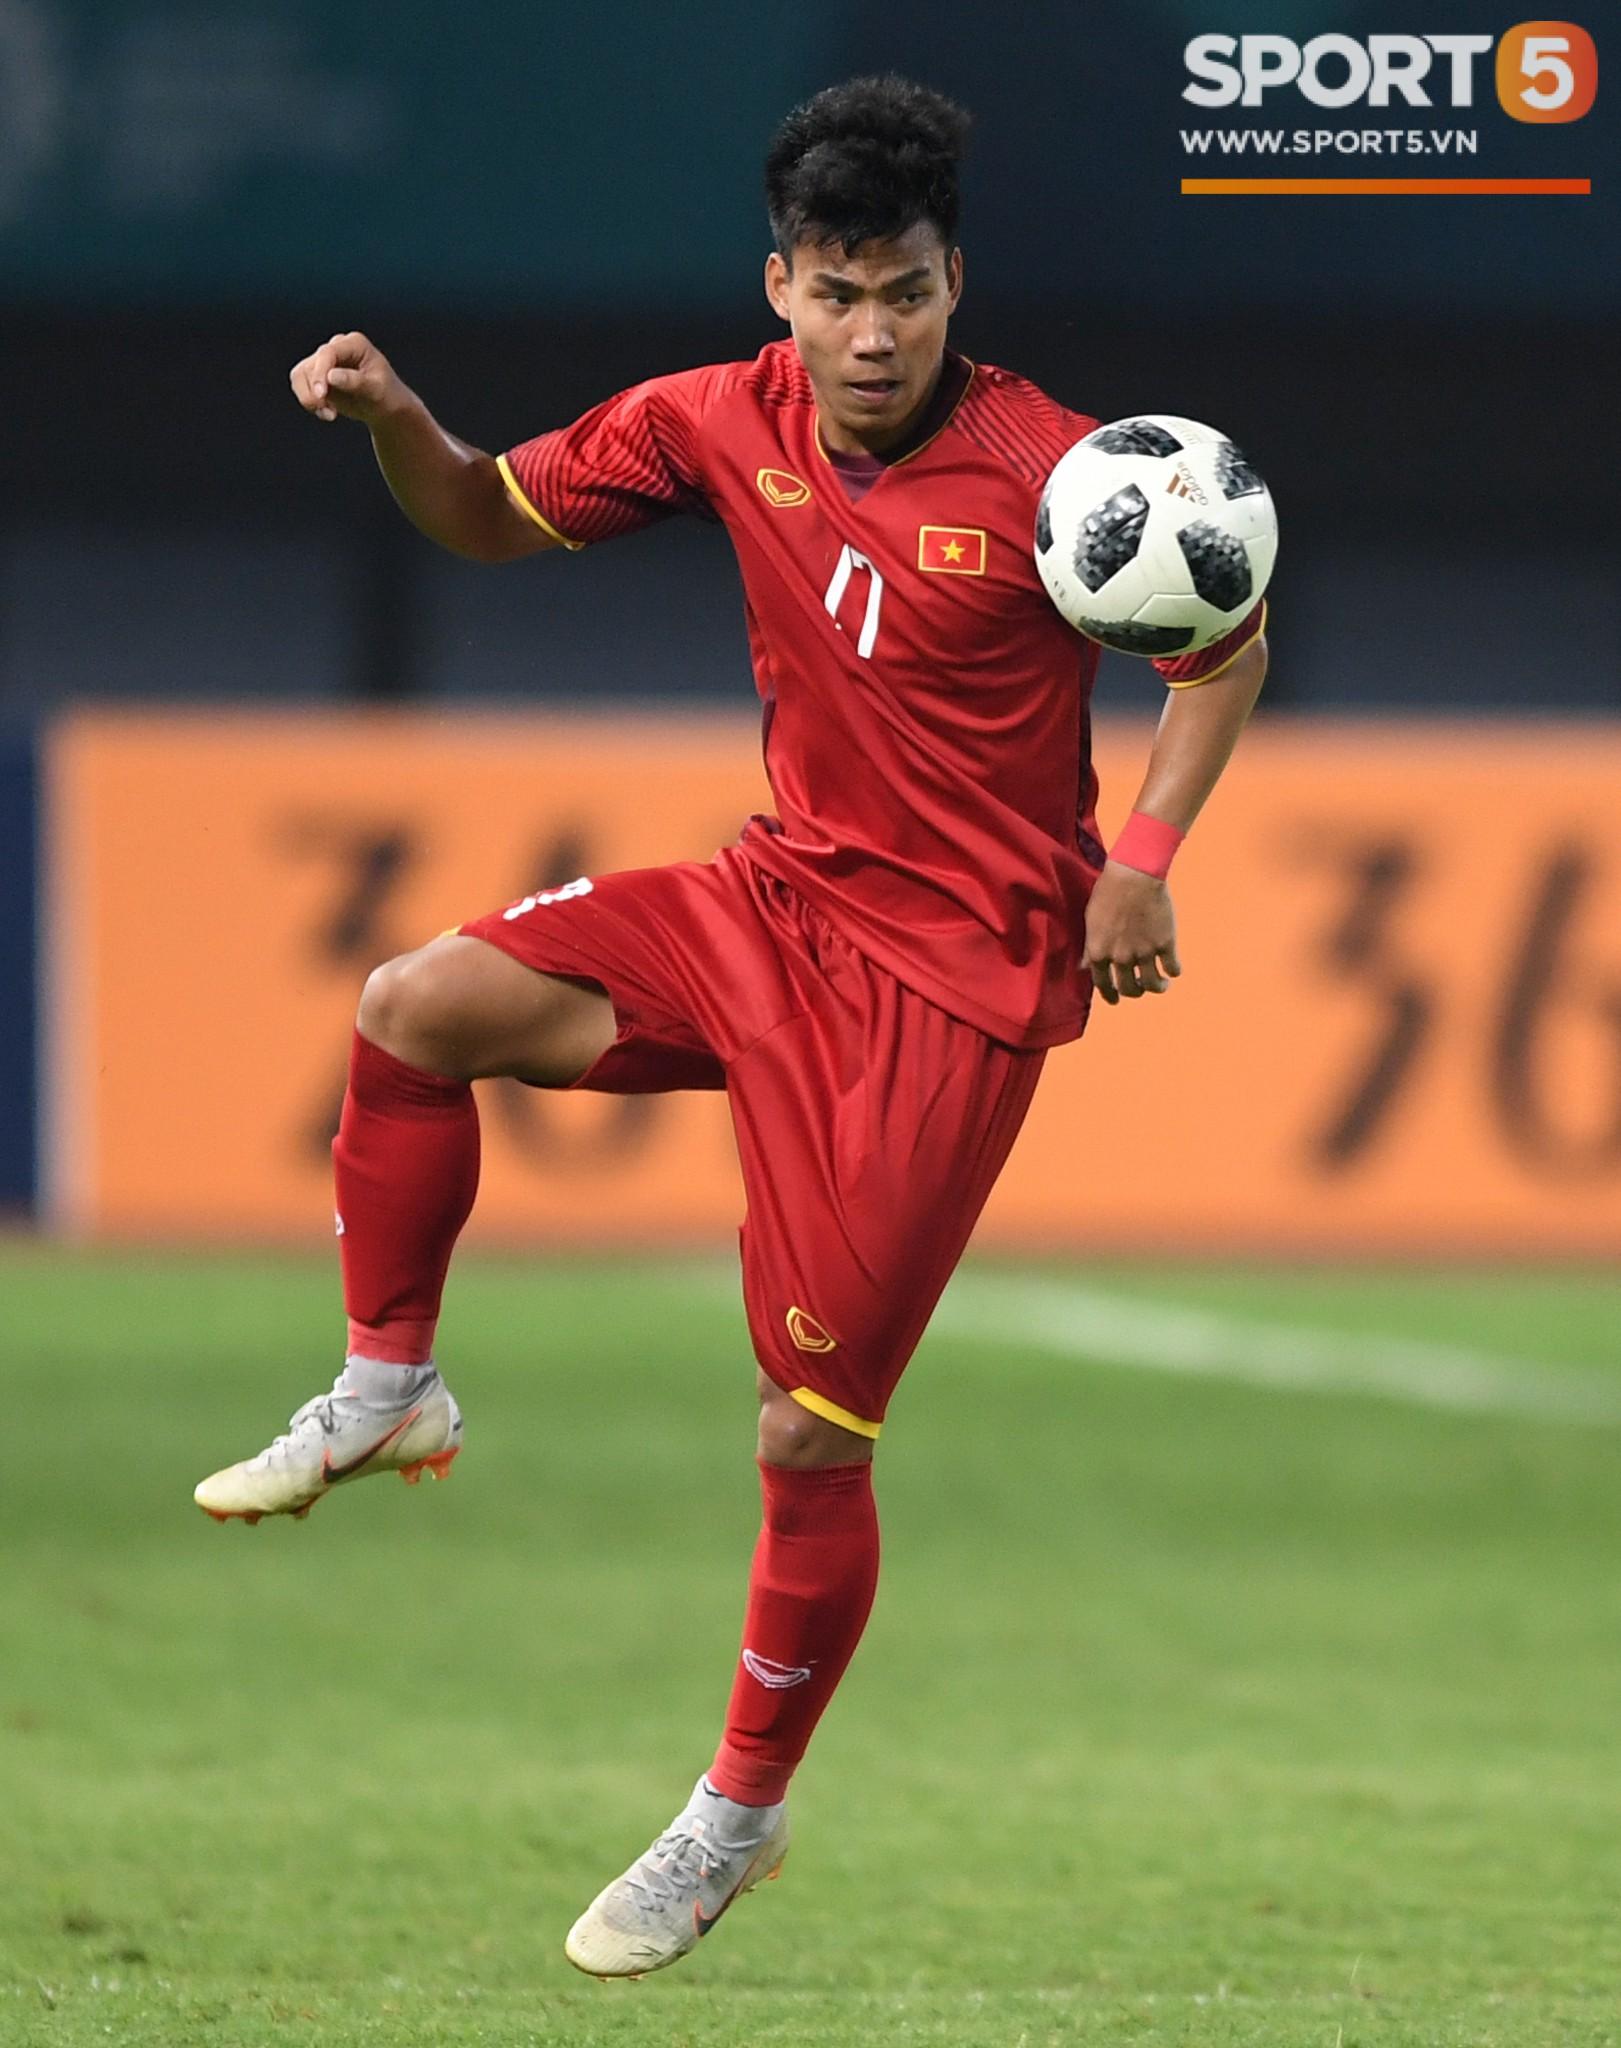 Lỡ hẹn AFF Cup 2018, Văn Thanh đề cử người đóng thế mình trong màu áo tuyển Việt Nam-1